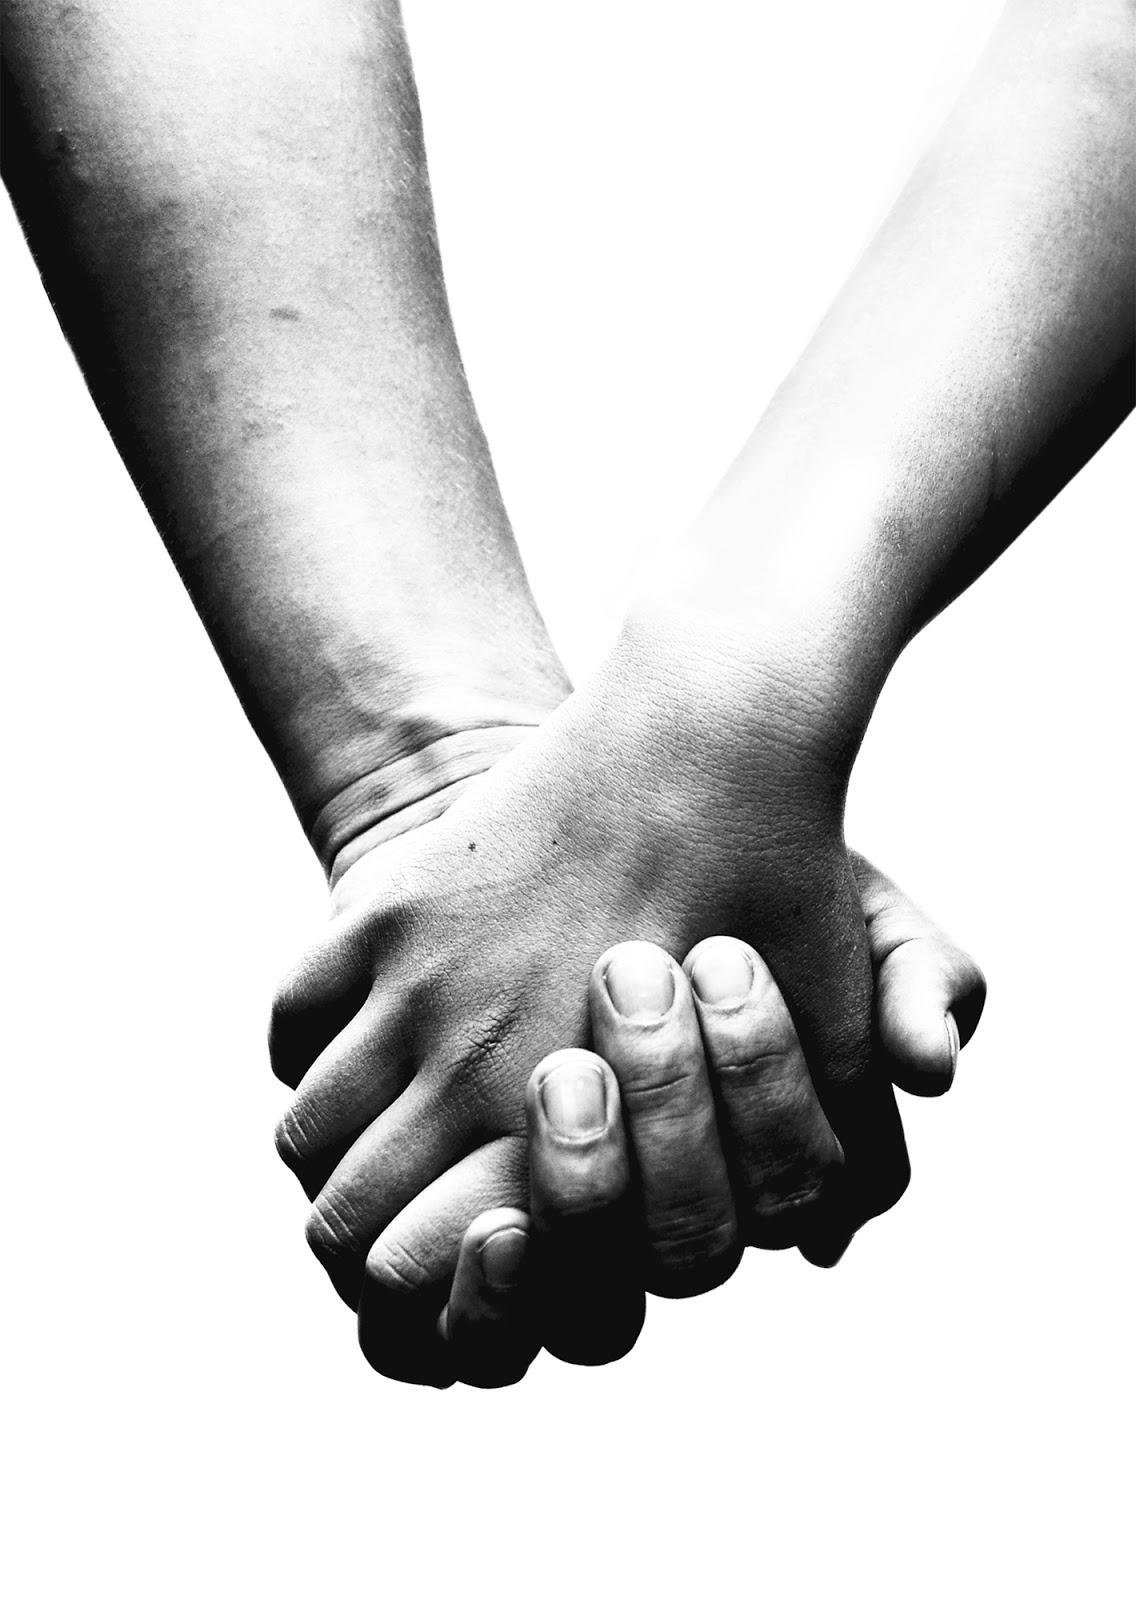 """""""Vou ser a mão a te guiarUm ombro amigo a te escutarVou ser a voz a te falarSou o teu anjoE quando a dor te derrubarE não restar forças para lutarSempre ao teu lado vou estarSou o teu anjo""""Teu anjo, Anjos de Resgate"""